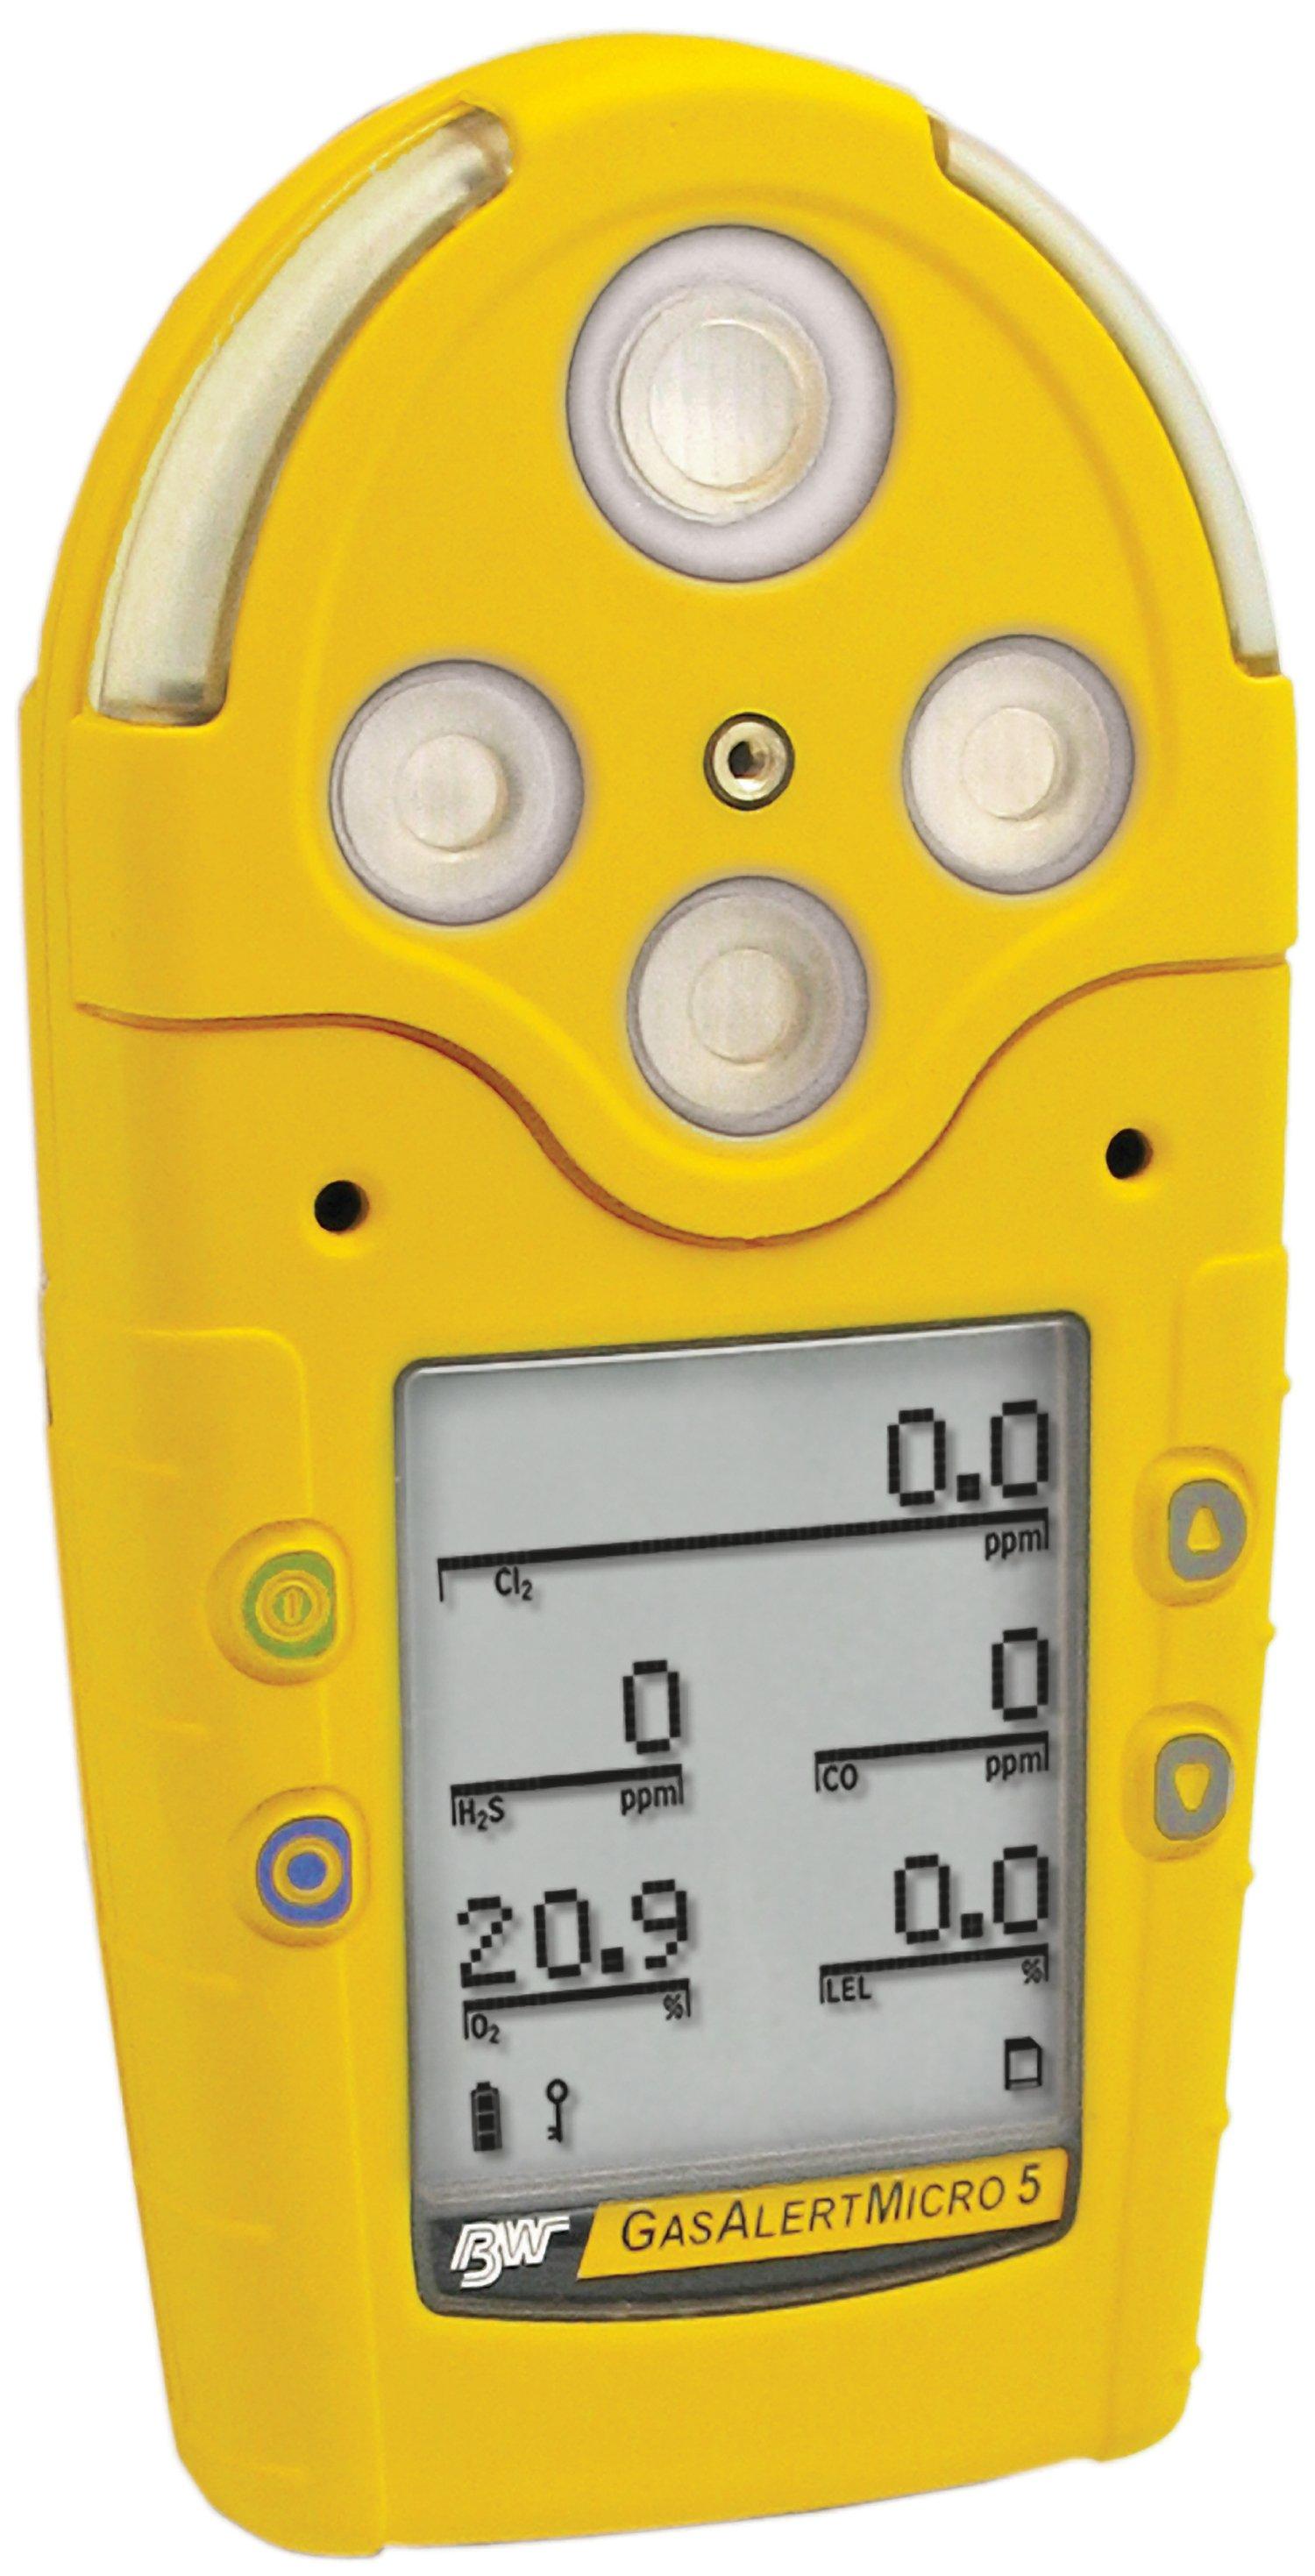 Akcesoria do detektora wielogazowego GasAlertMicro 5